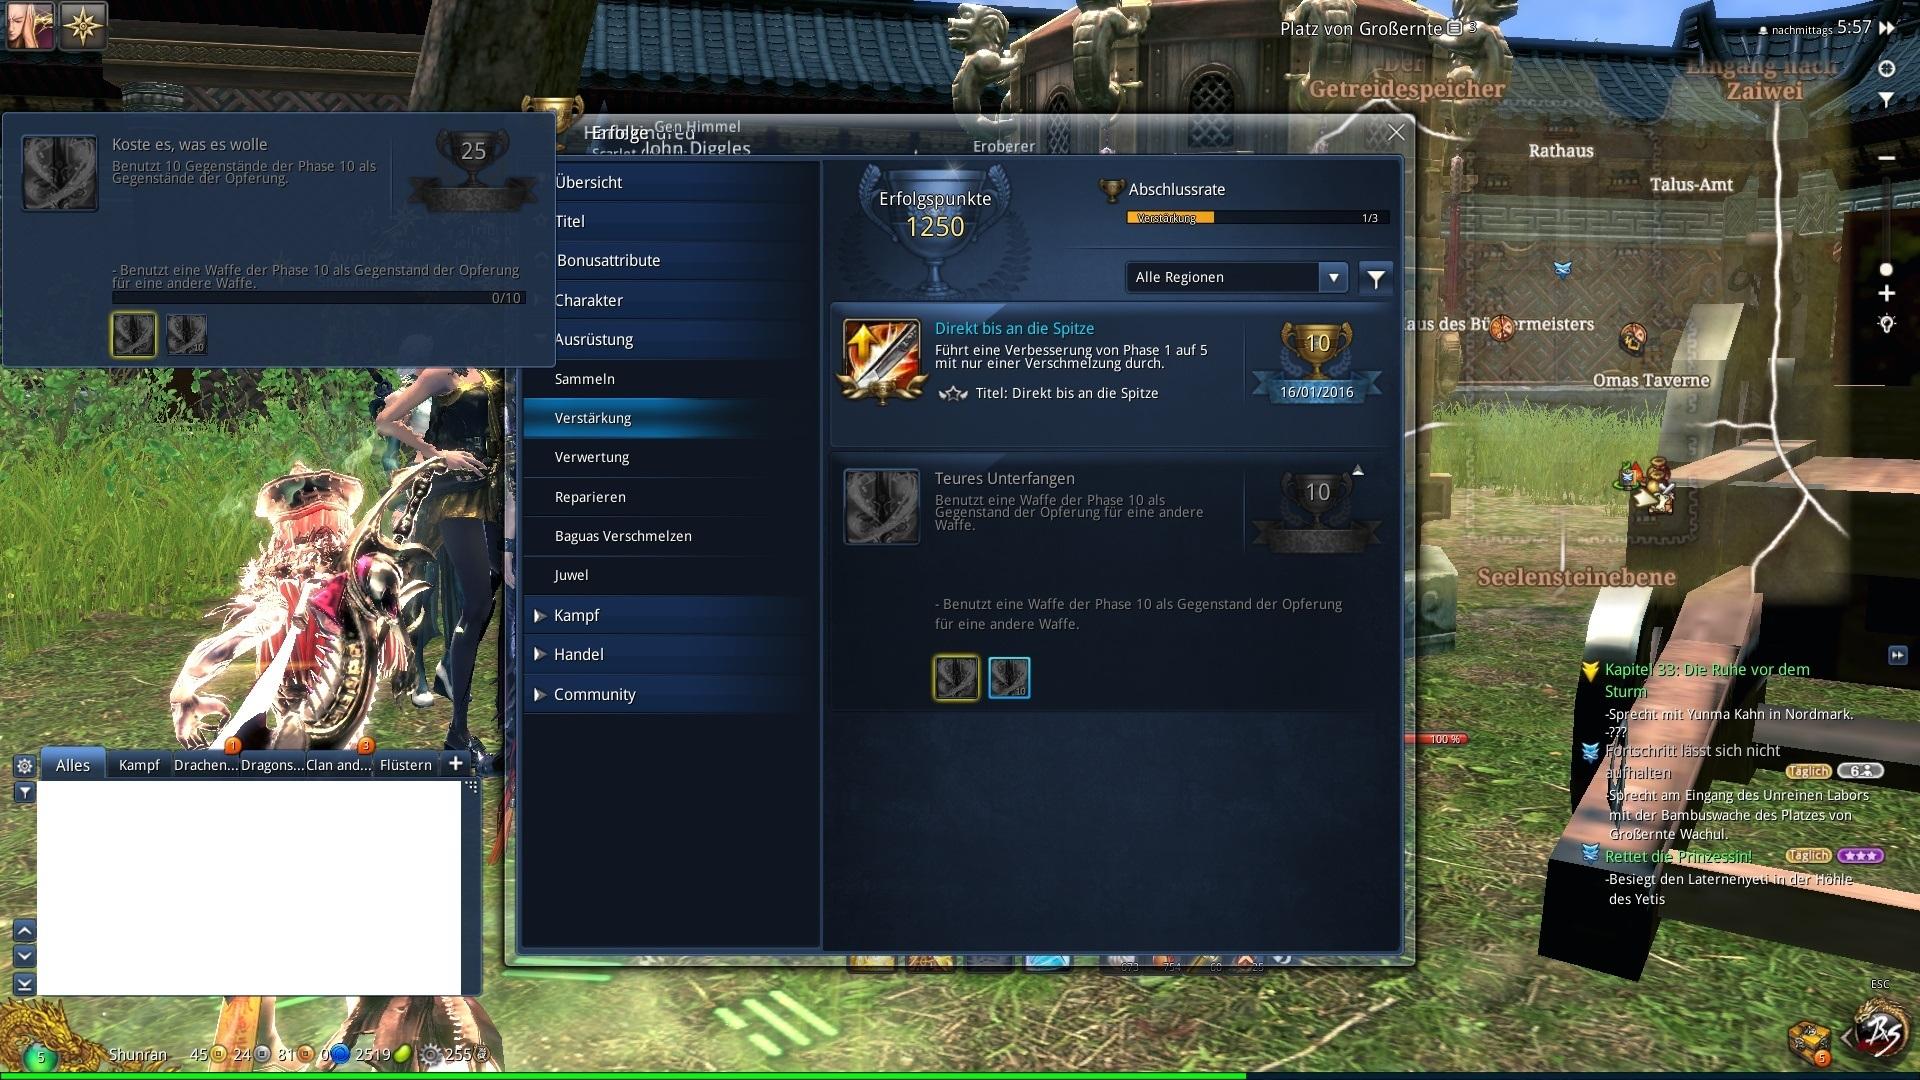 screenshot_160401_0004ss7g.jpg